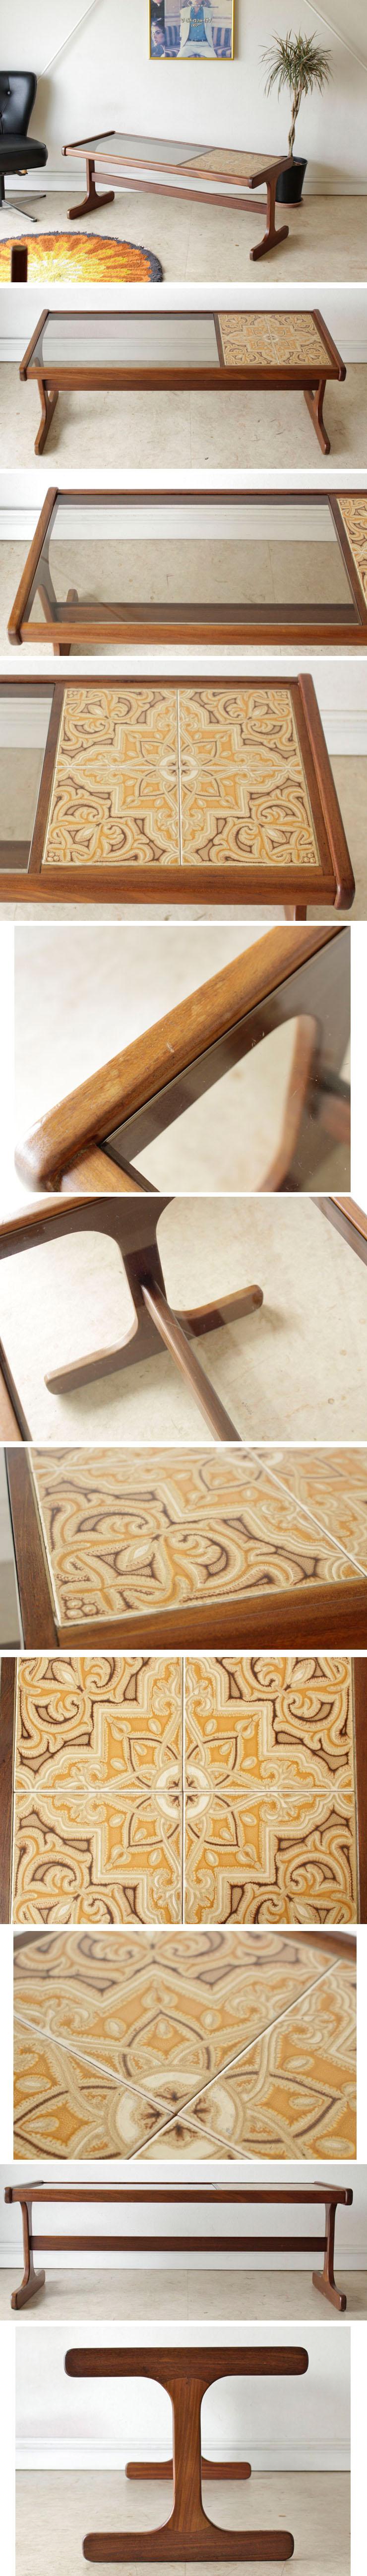 ジープラン・G-plan・コーヒーテーブル・センターテーブル・タイル・ガラス・ビンテージ・アンティーク・北欧